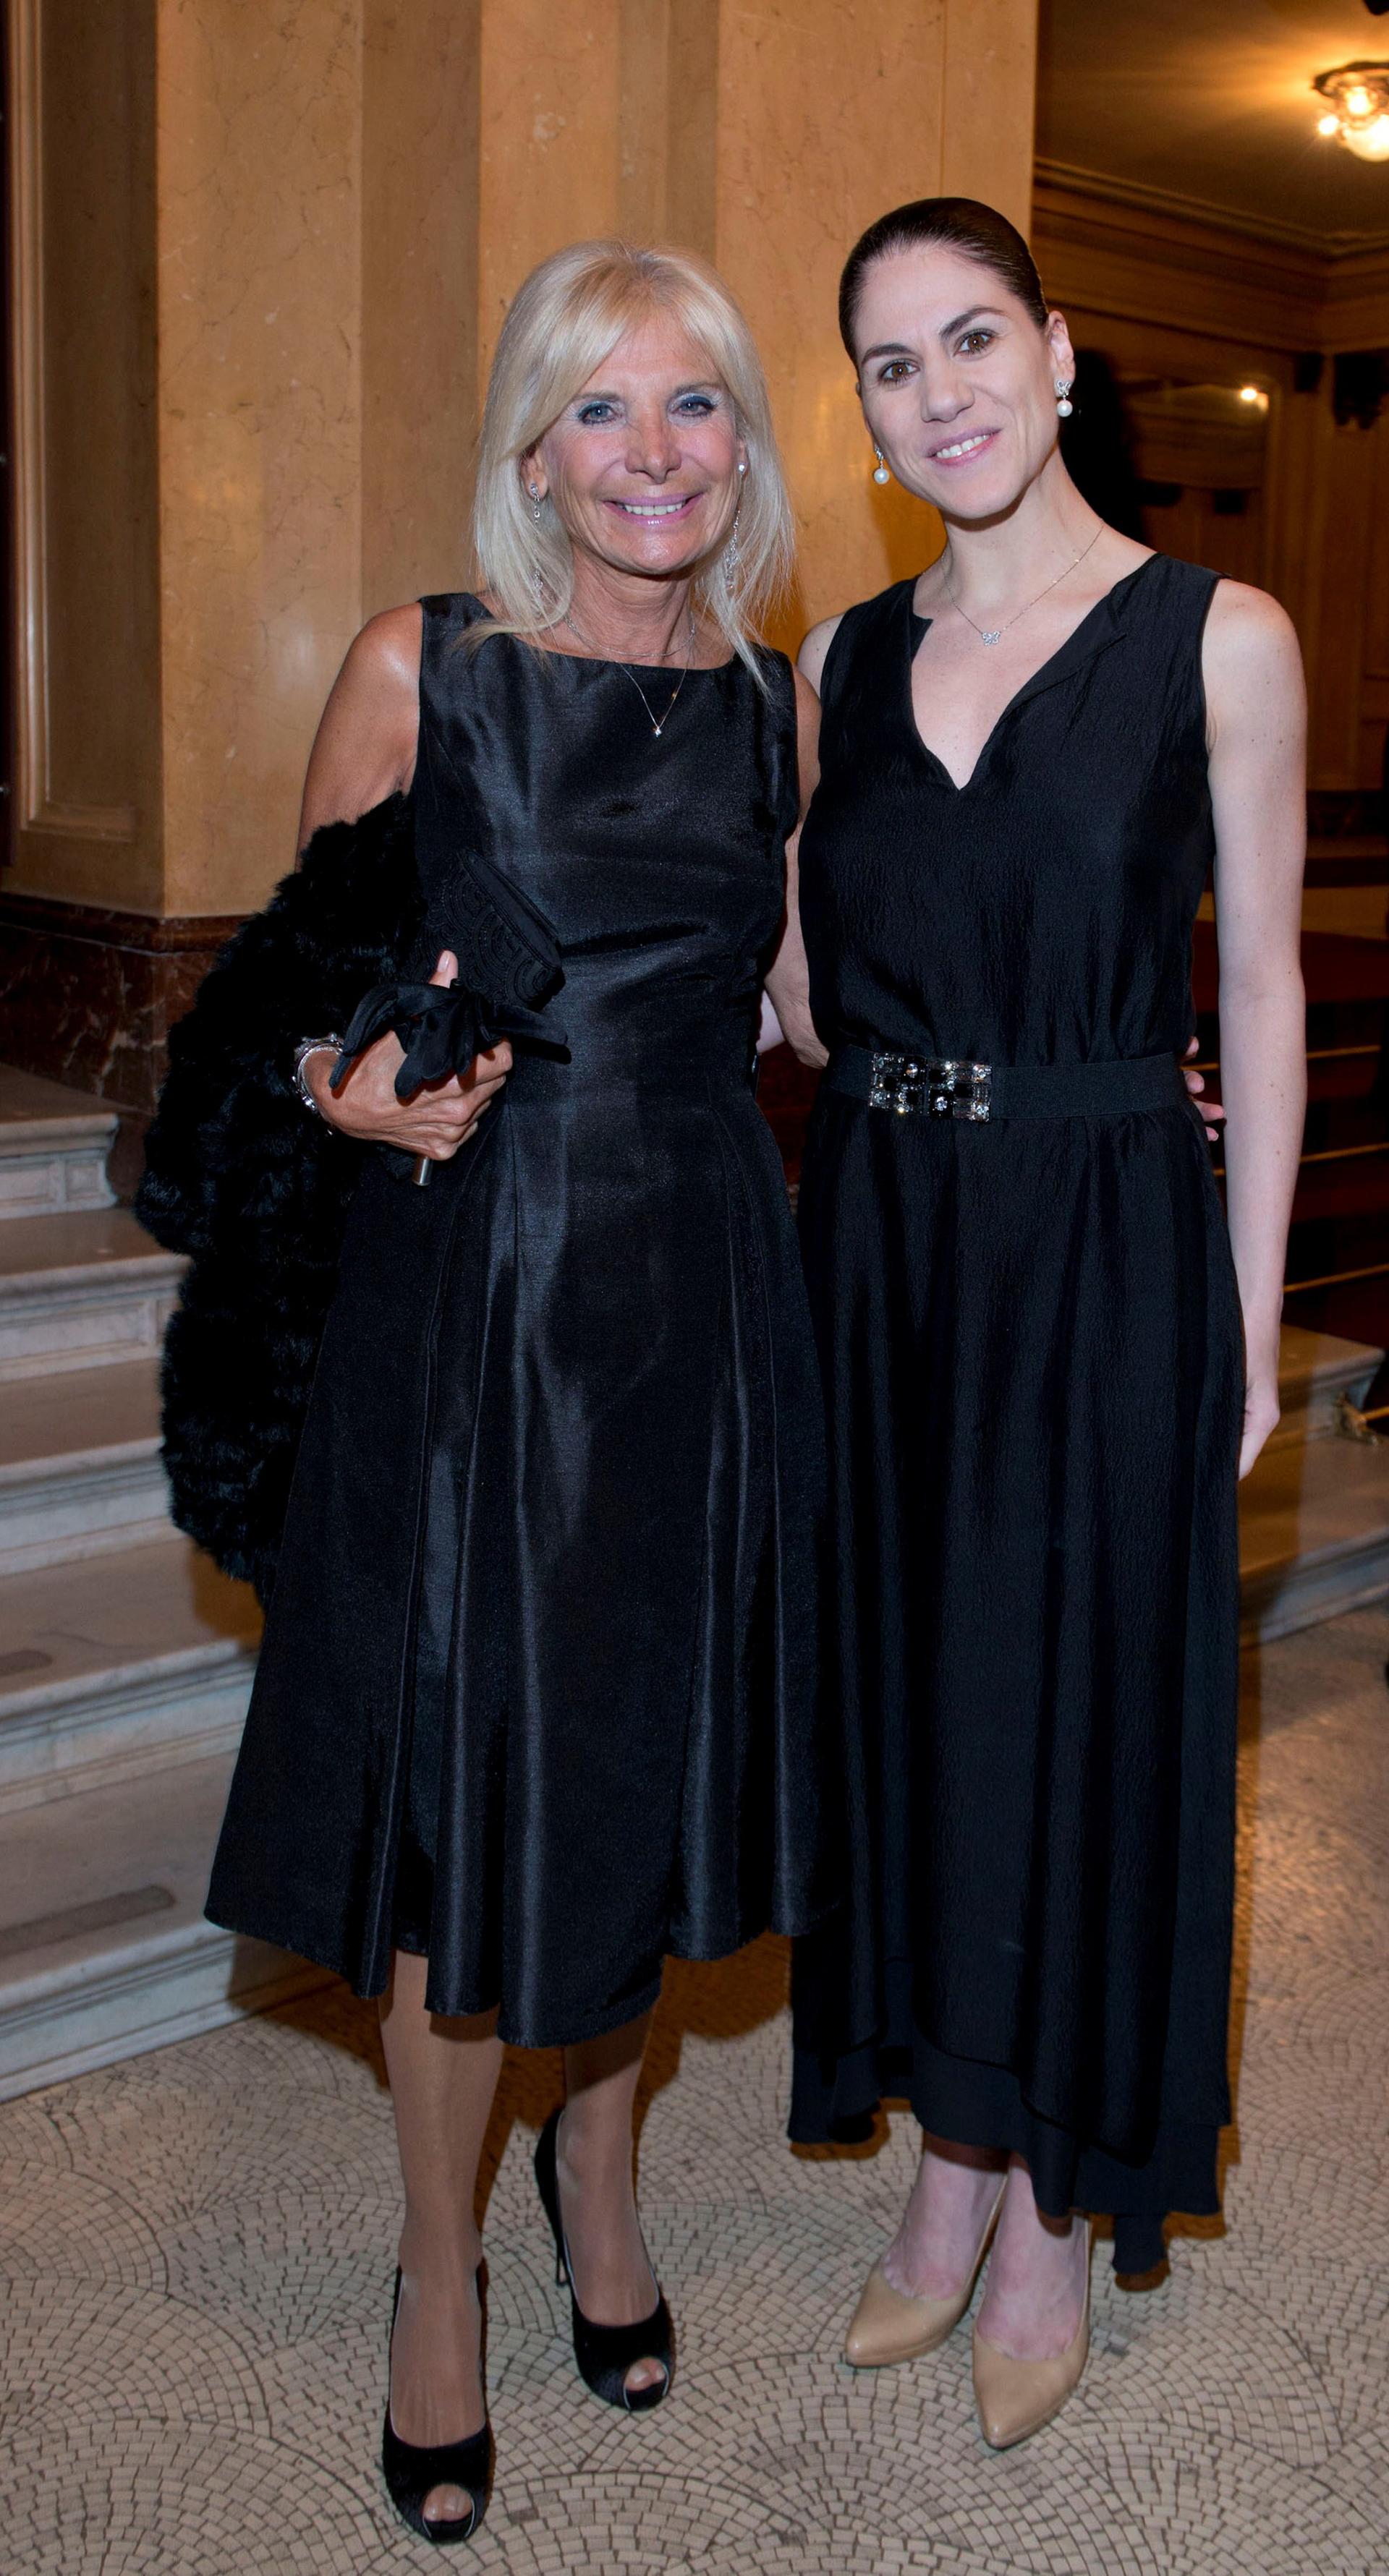 La embajadora de Italia en la Argentina, Teresa Castaldo, y la directora del Ballet Estable del Teatro Colón, Paloma Herrera